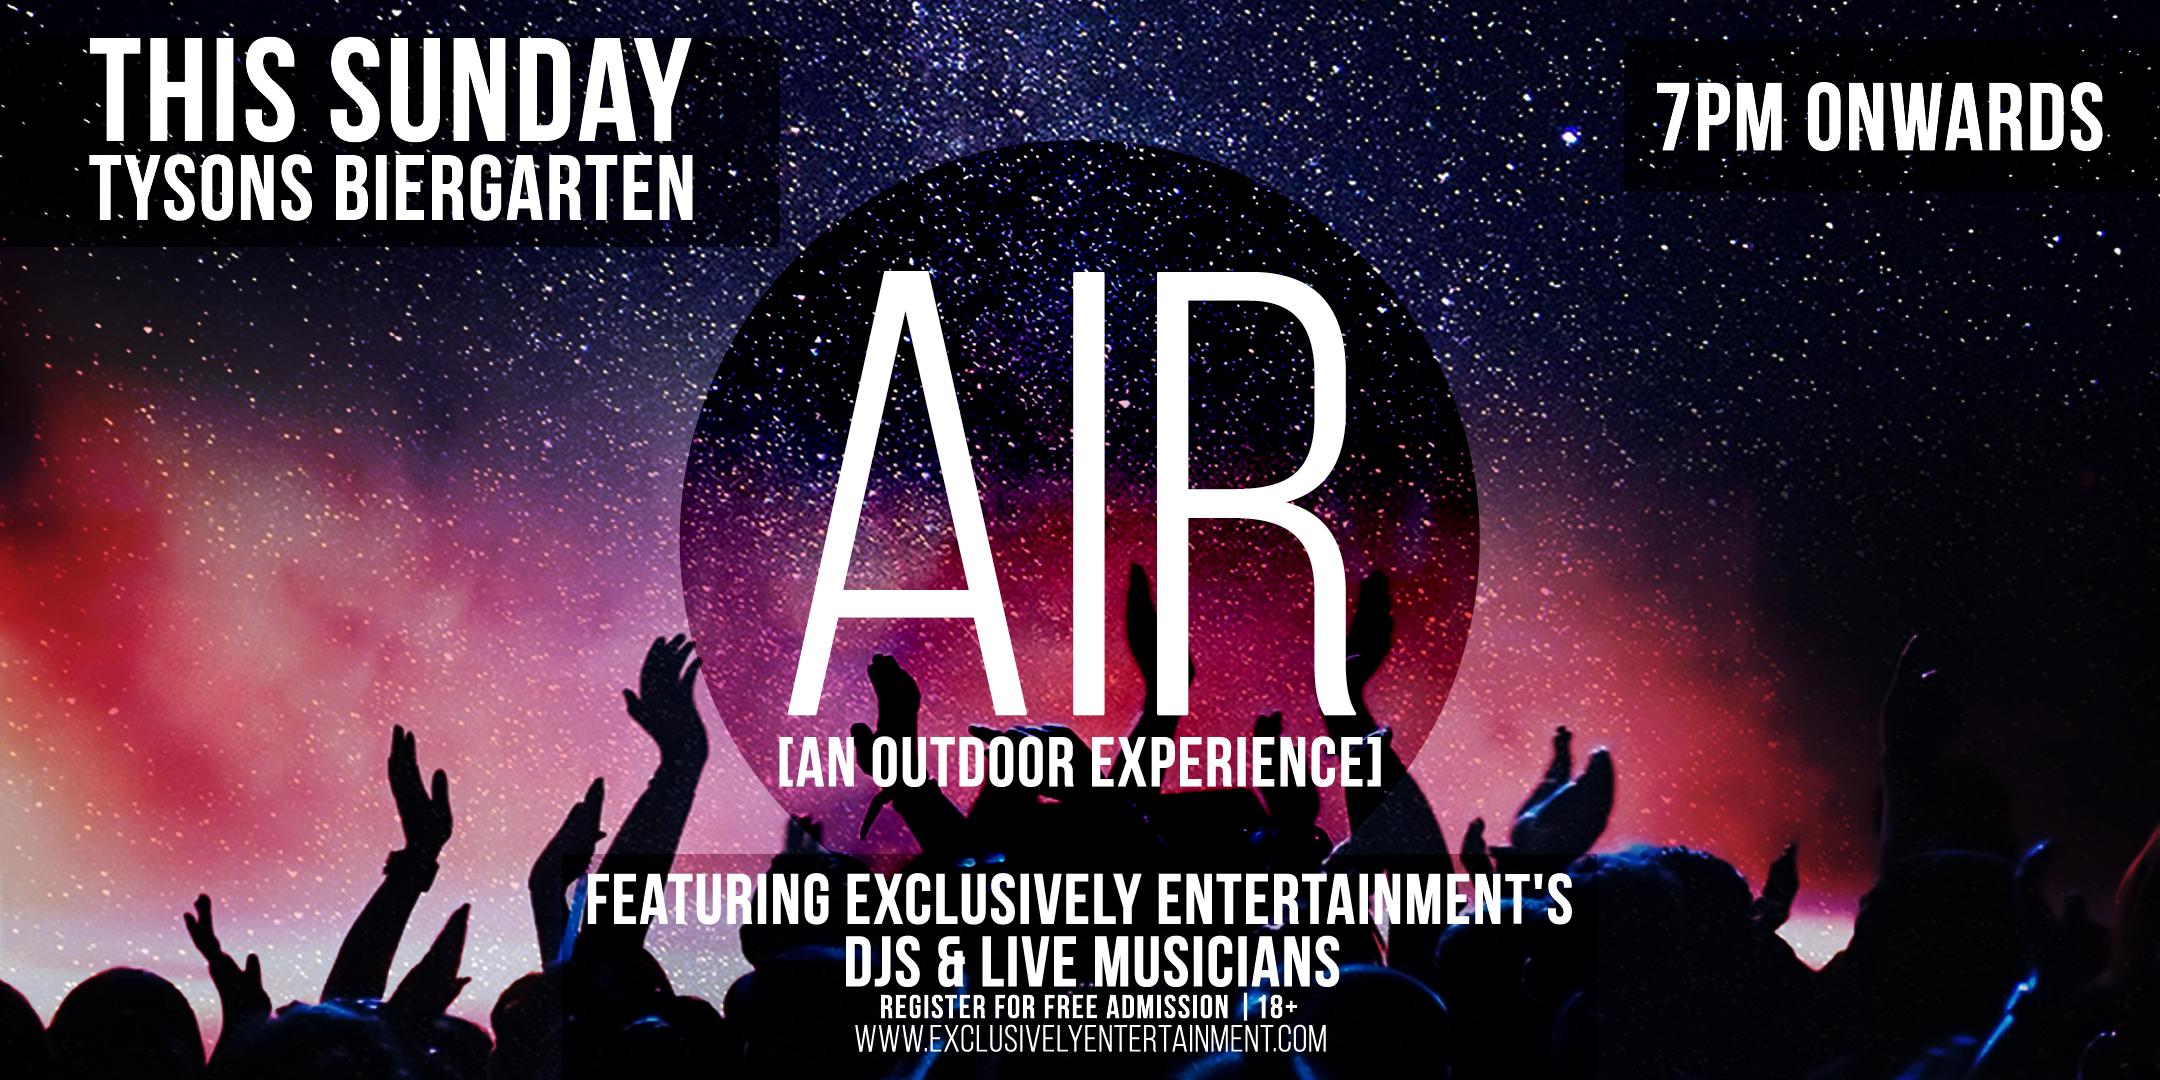 AIR [an outdoor experience] at Tysons Biergar